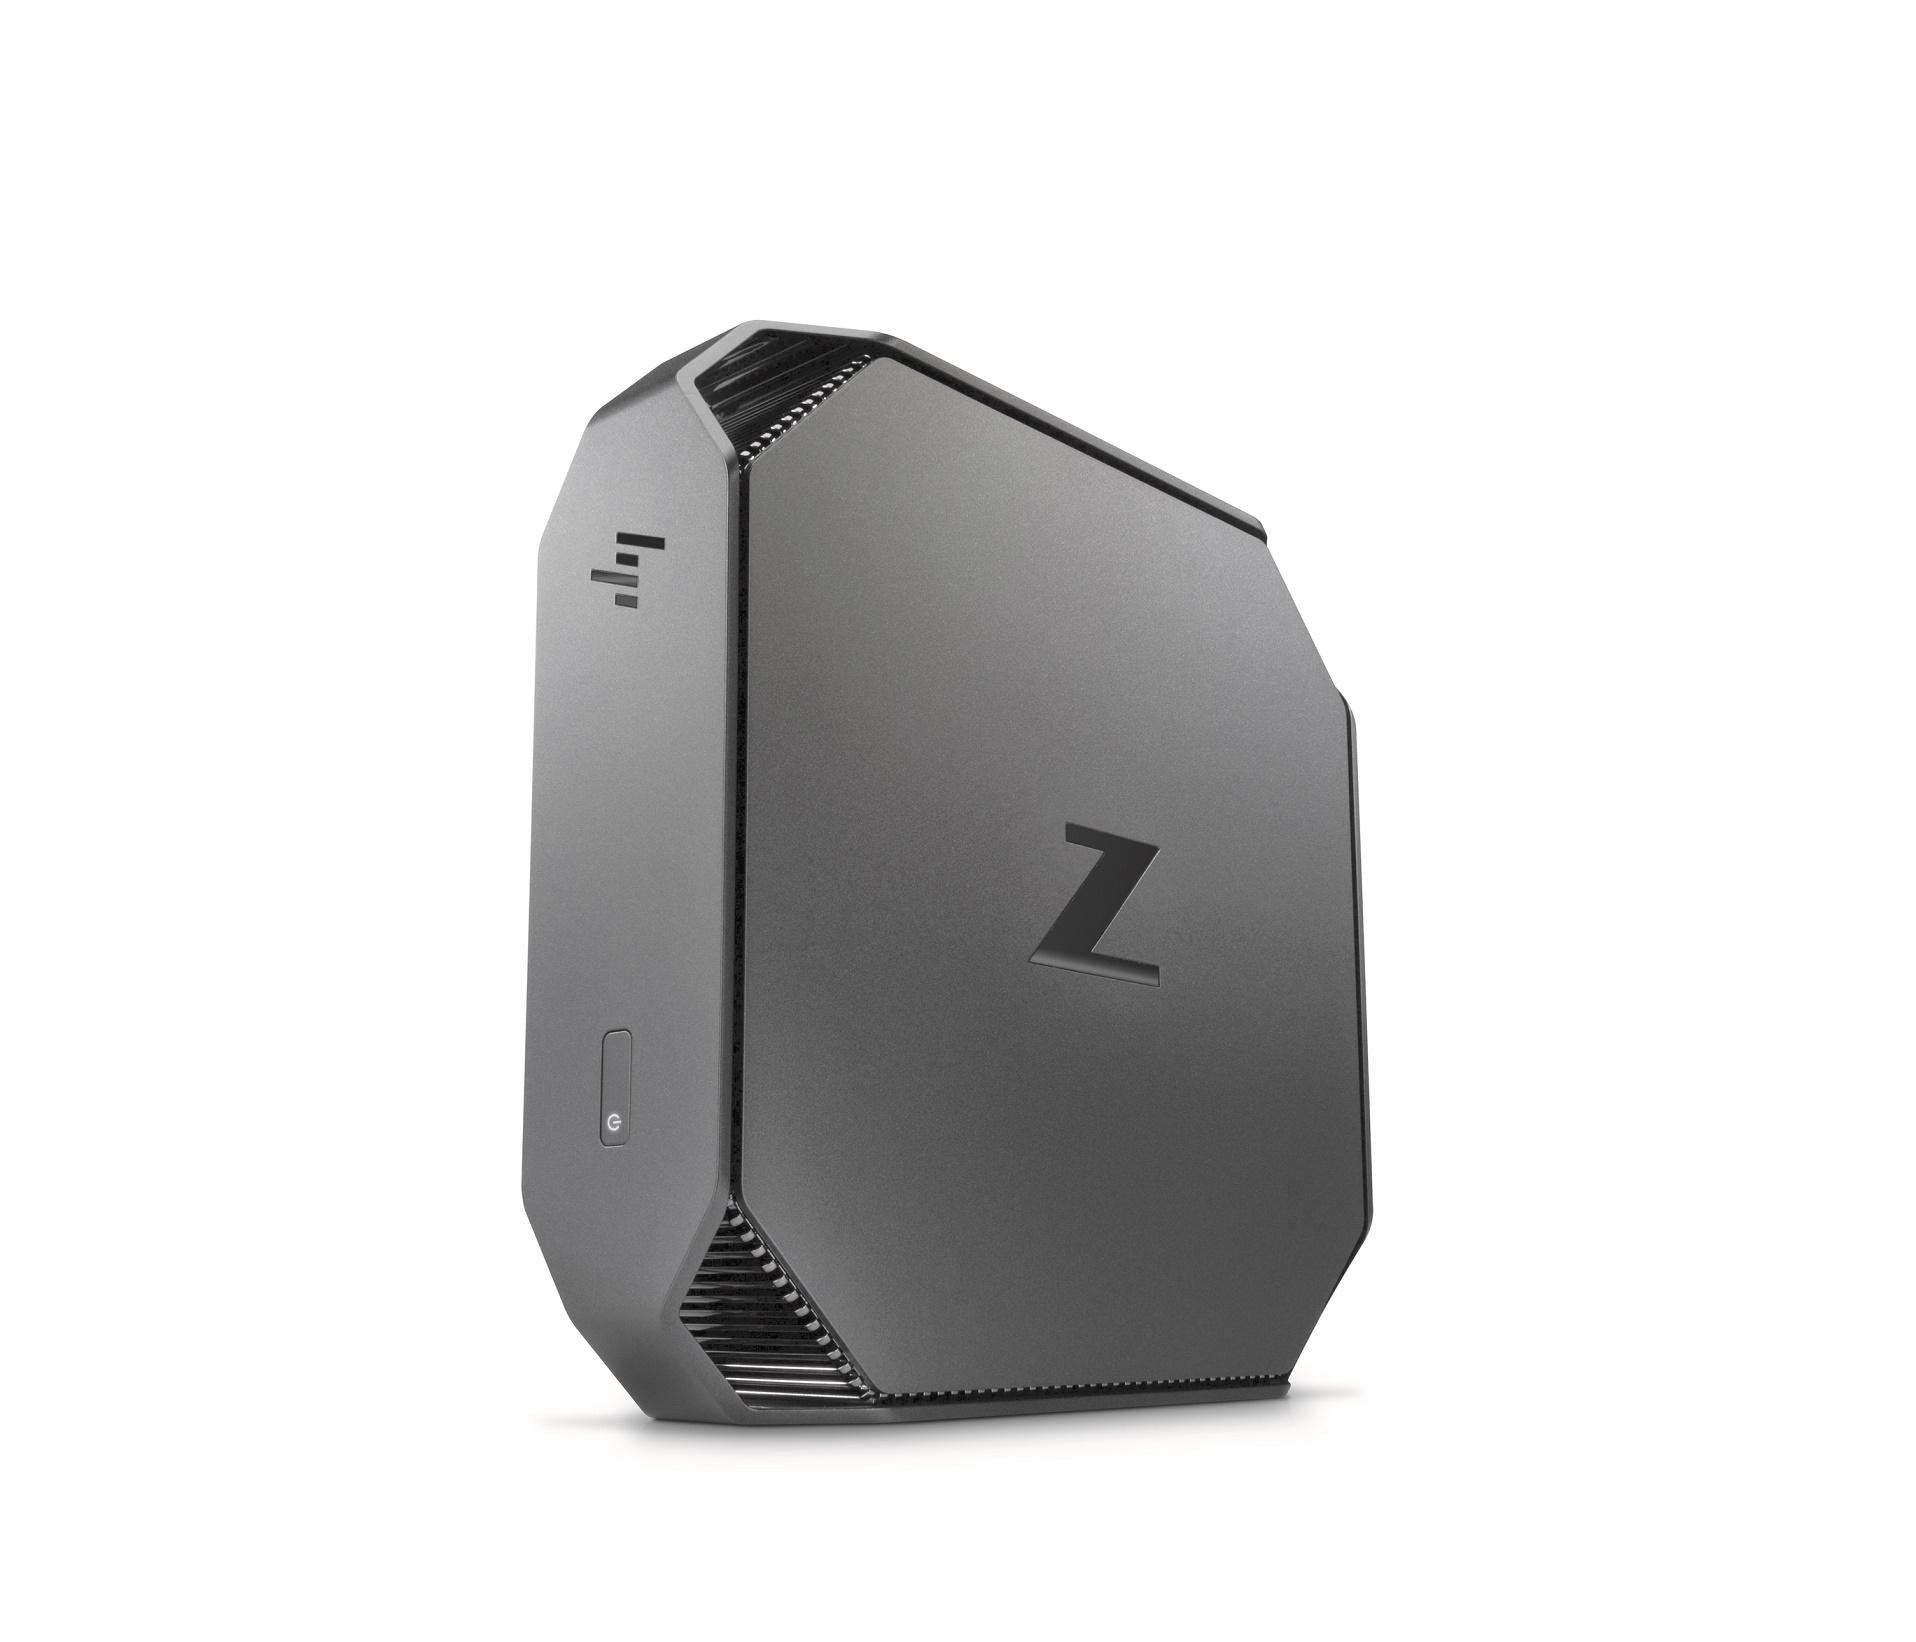 Pracovná stanica je vybavená procesorom novej generácie Intel® Xeon®i, NVIDIA® profesionálnou grafikou a je dostupná tiež s HP Z Turbo Drive pre schopnosť rýchlej práce s ukladaním objemných dát.